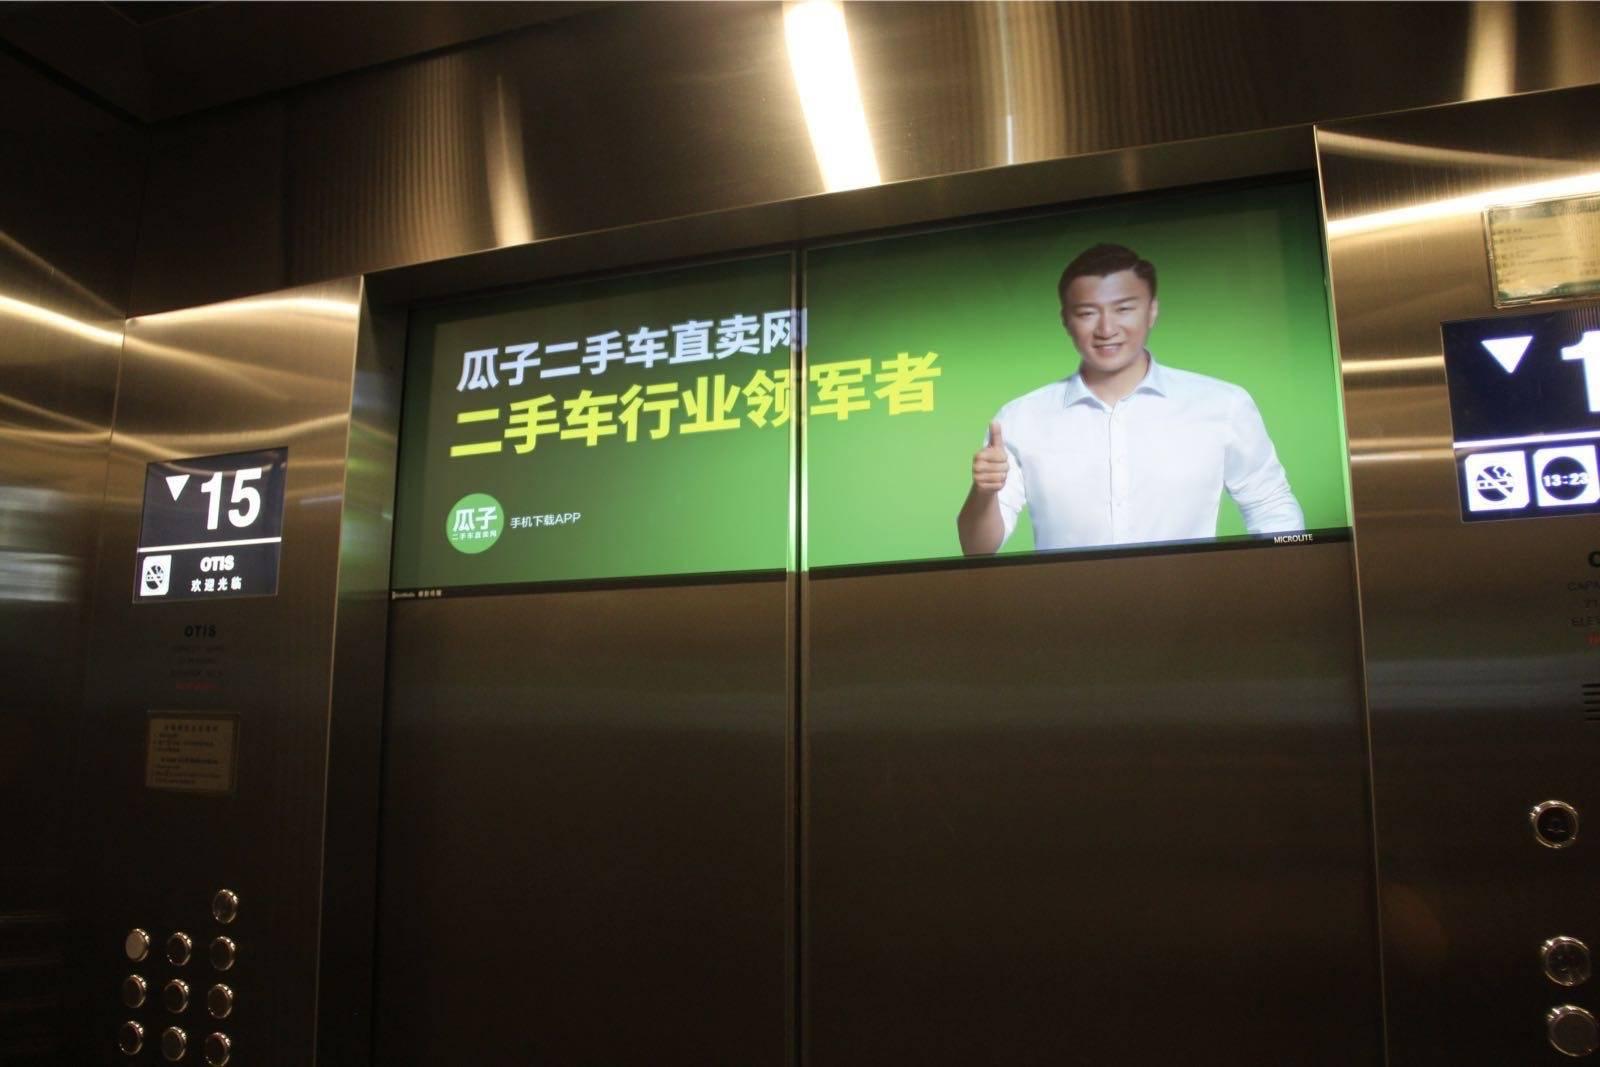 合肥电梯门投影广告